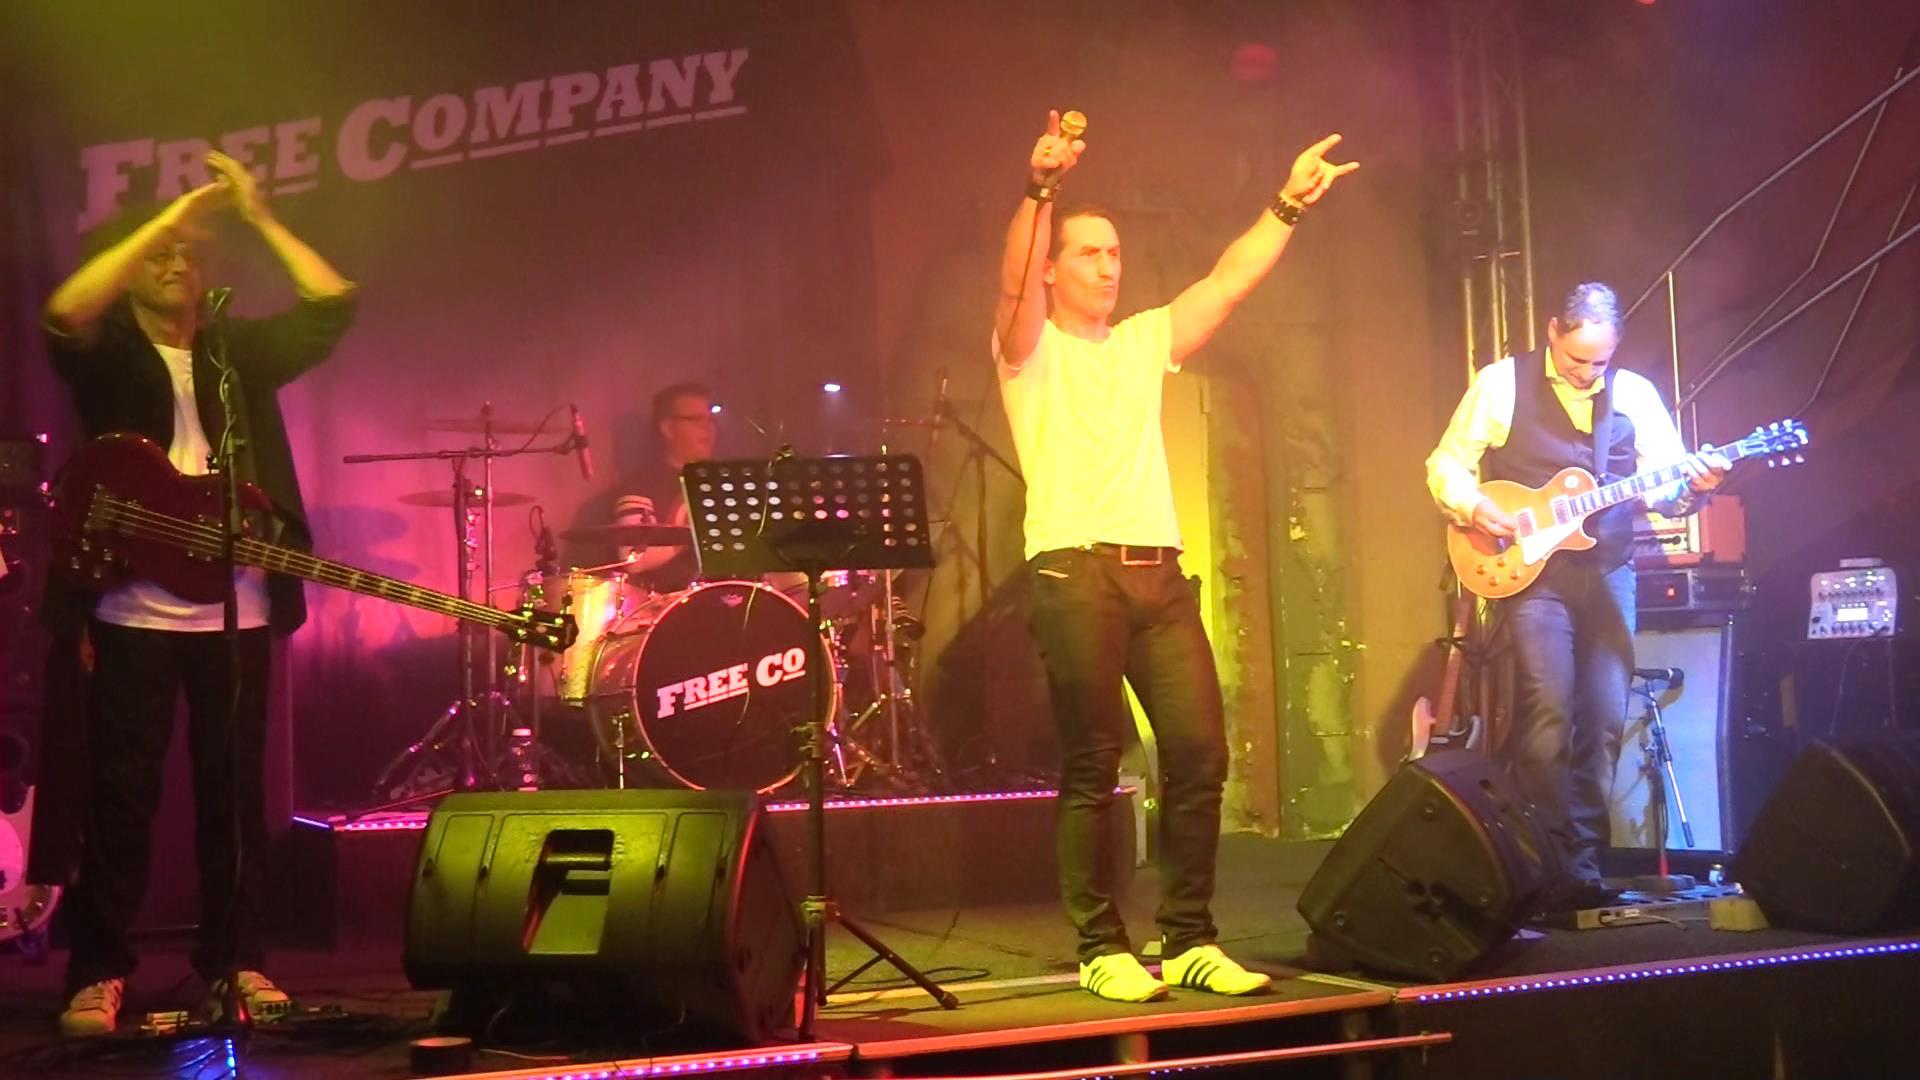 Free Company Live